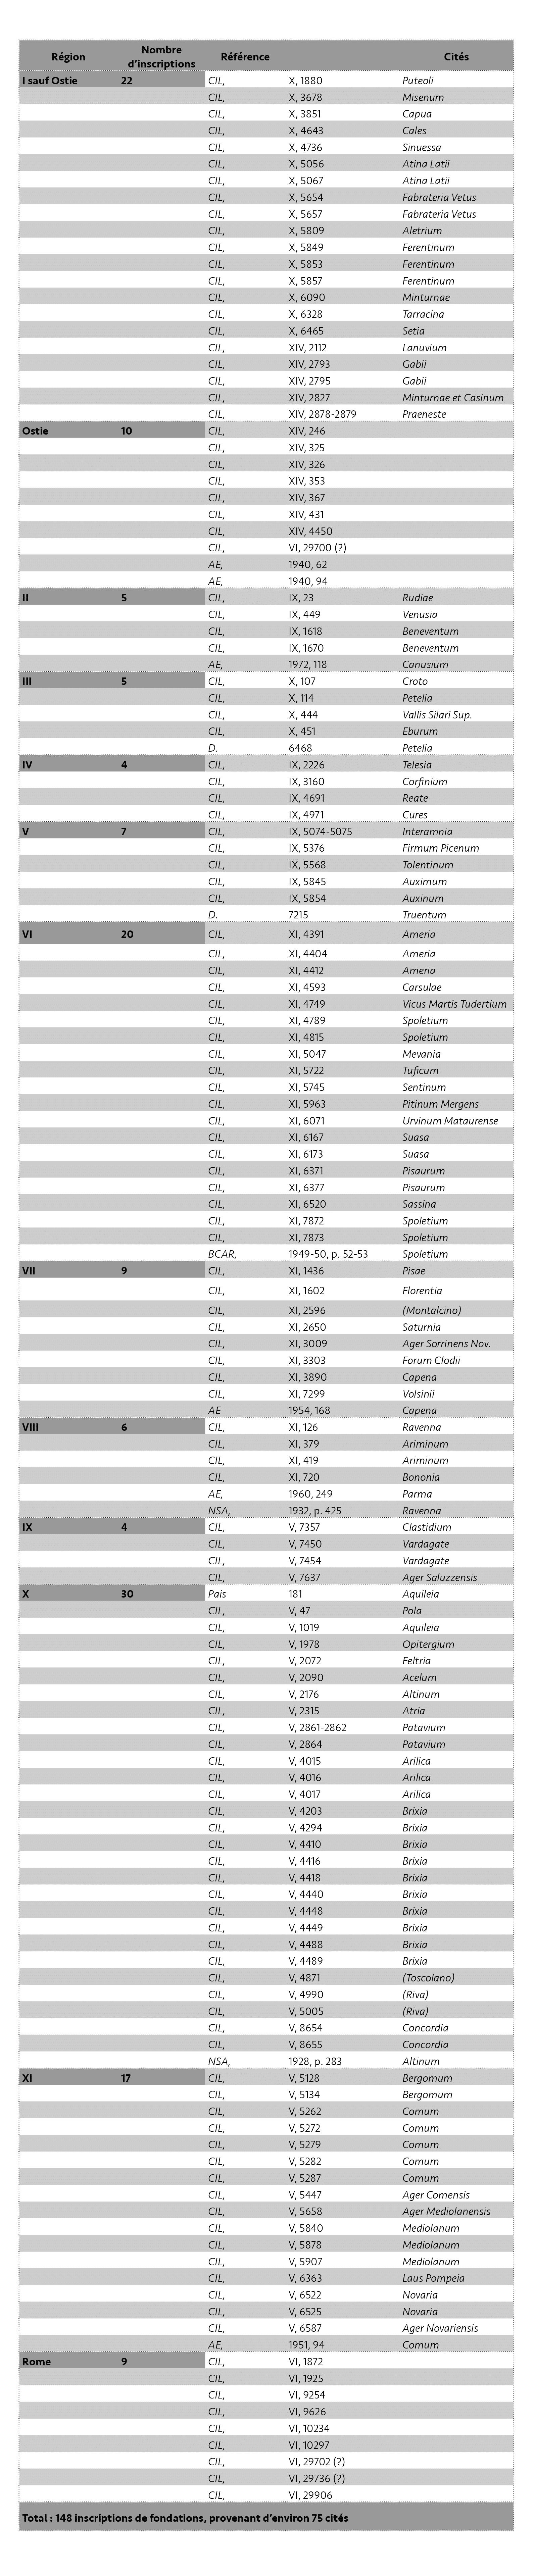 Tableau 16